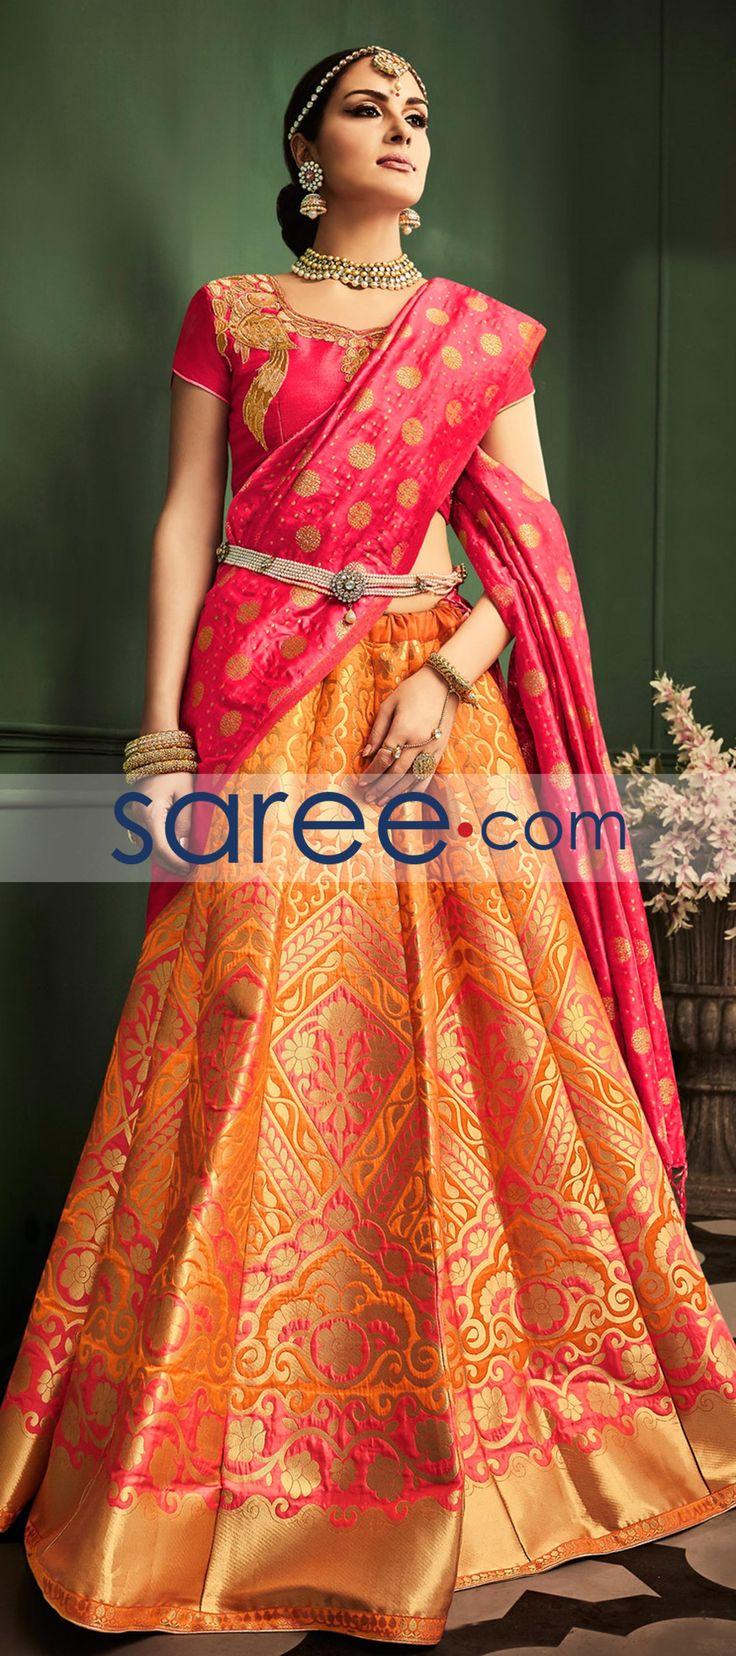 ORANGE BANARASI SILK LEHENGA CHOLI WITH WEAVING #LehengaCholi #BanarasiLehenga #IndianOutifit #IndianLehenga #WeddingLehengaCholi #ReceptionLehengaCholi